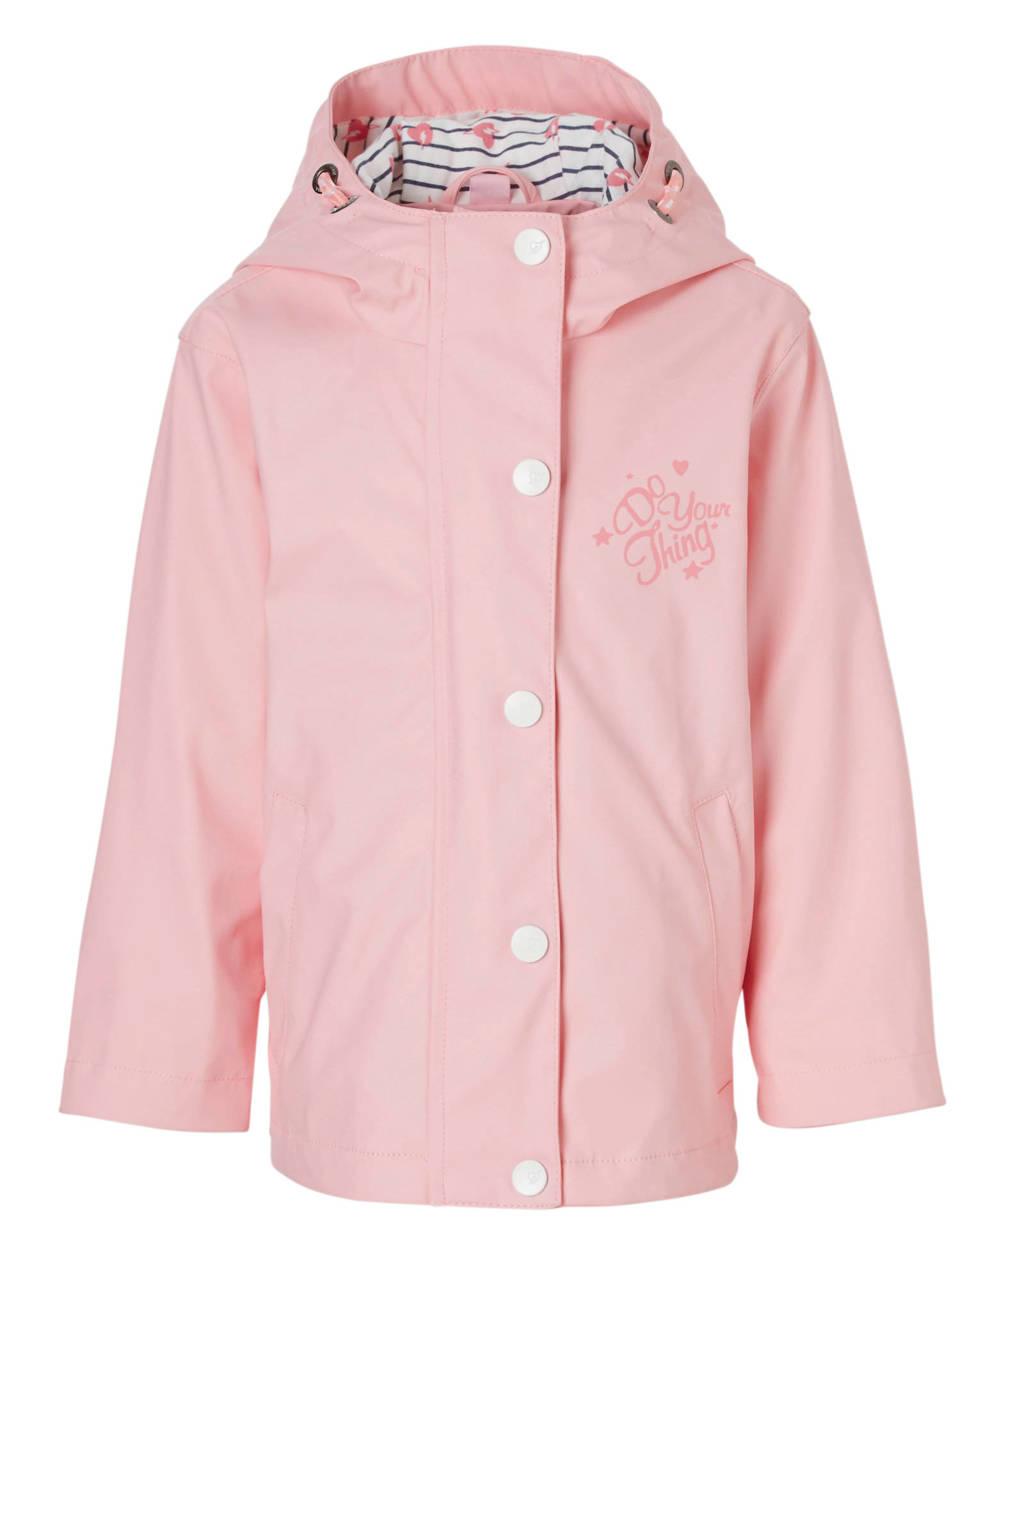 C&A Palomino zomerjas roze, Roze